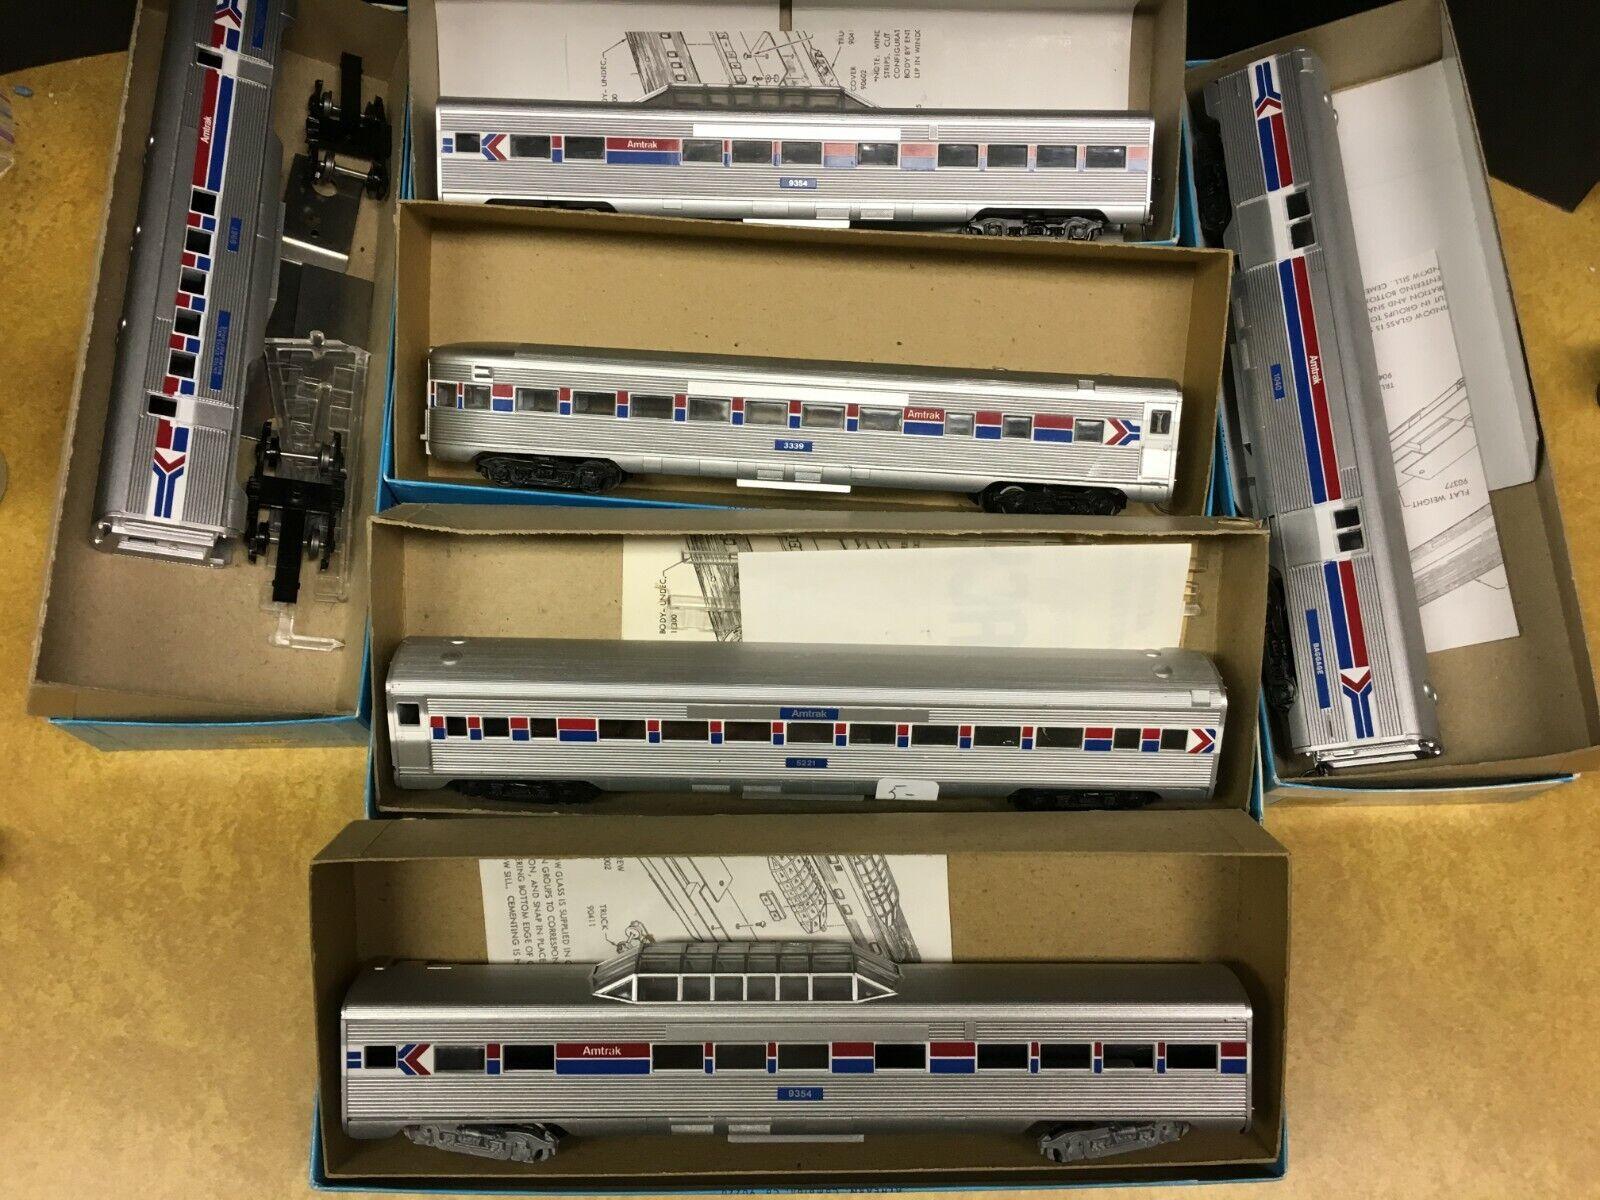 Atenea ofrece seis seis seis paquetes del ferroCocheril americano. f49